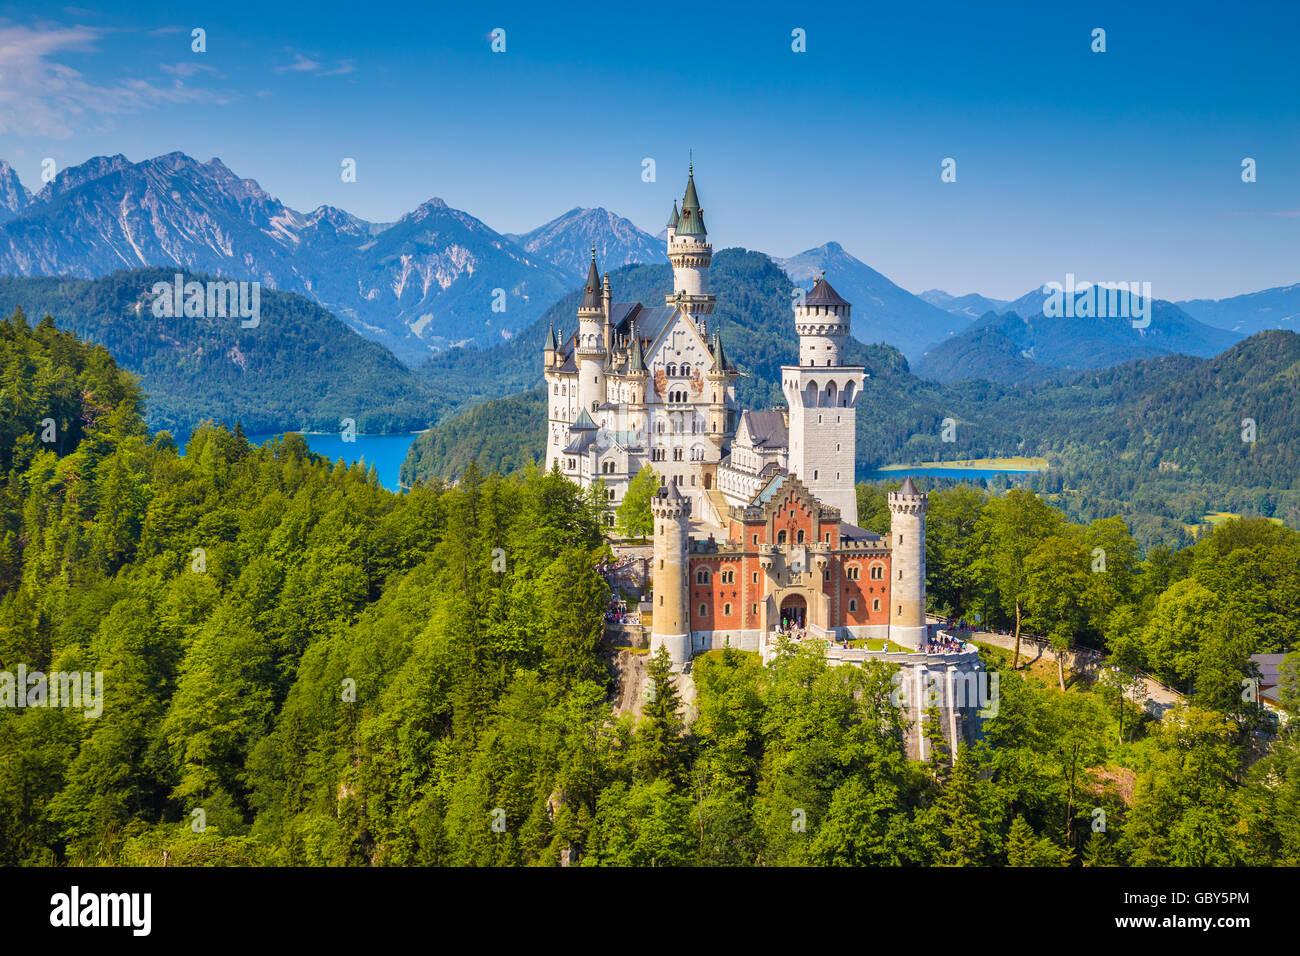 Schöne Aussicht auf das weltberühmte Schloss Neuschwanstein, einer der meist besuchten Burgen Europas, Stockbild